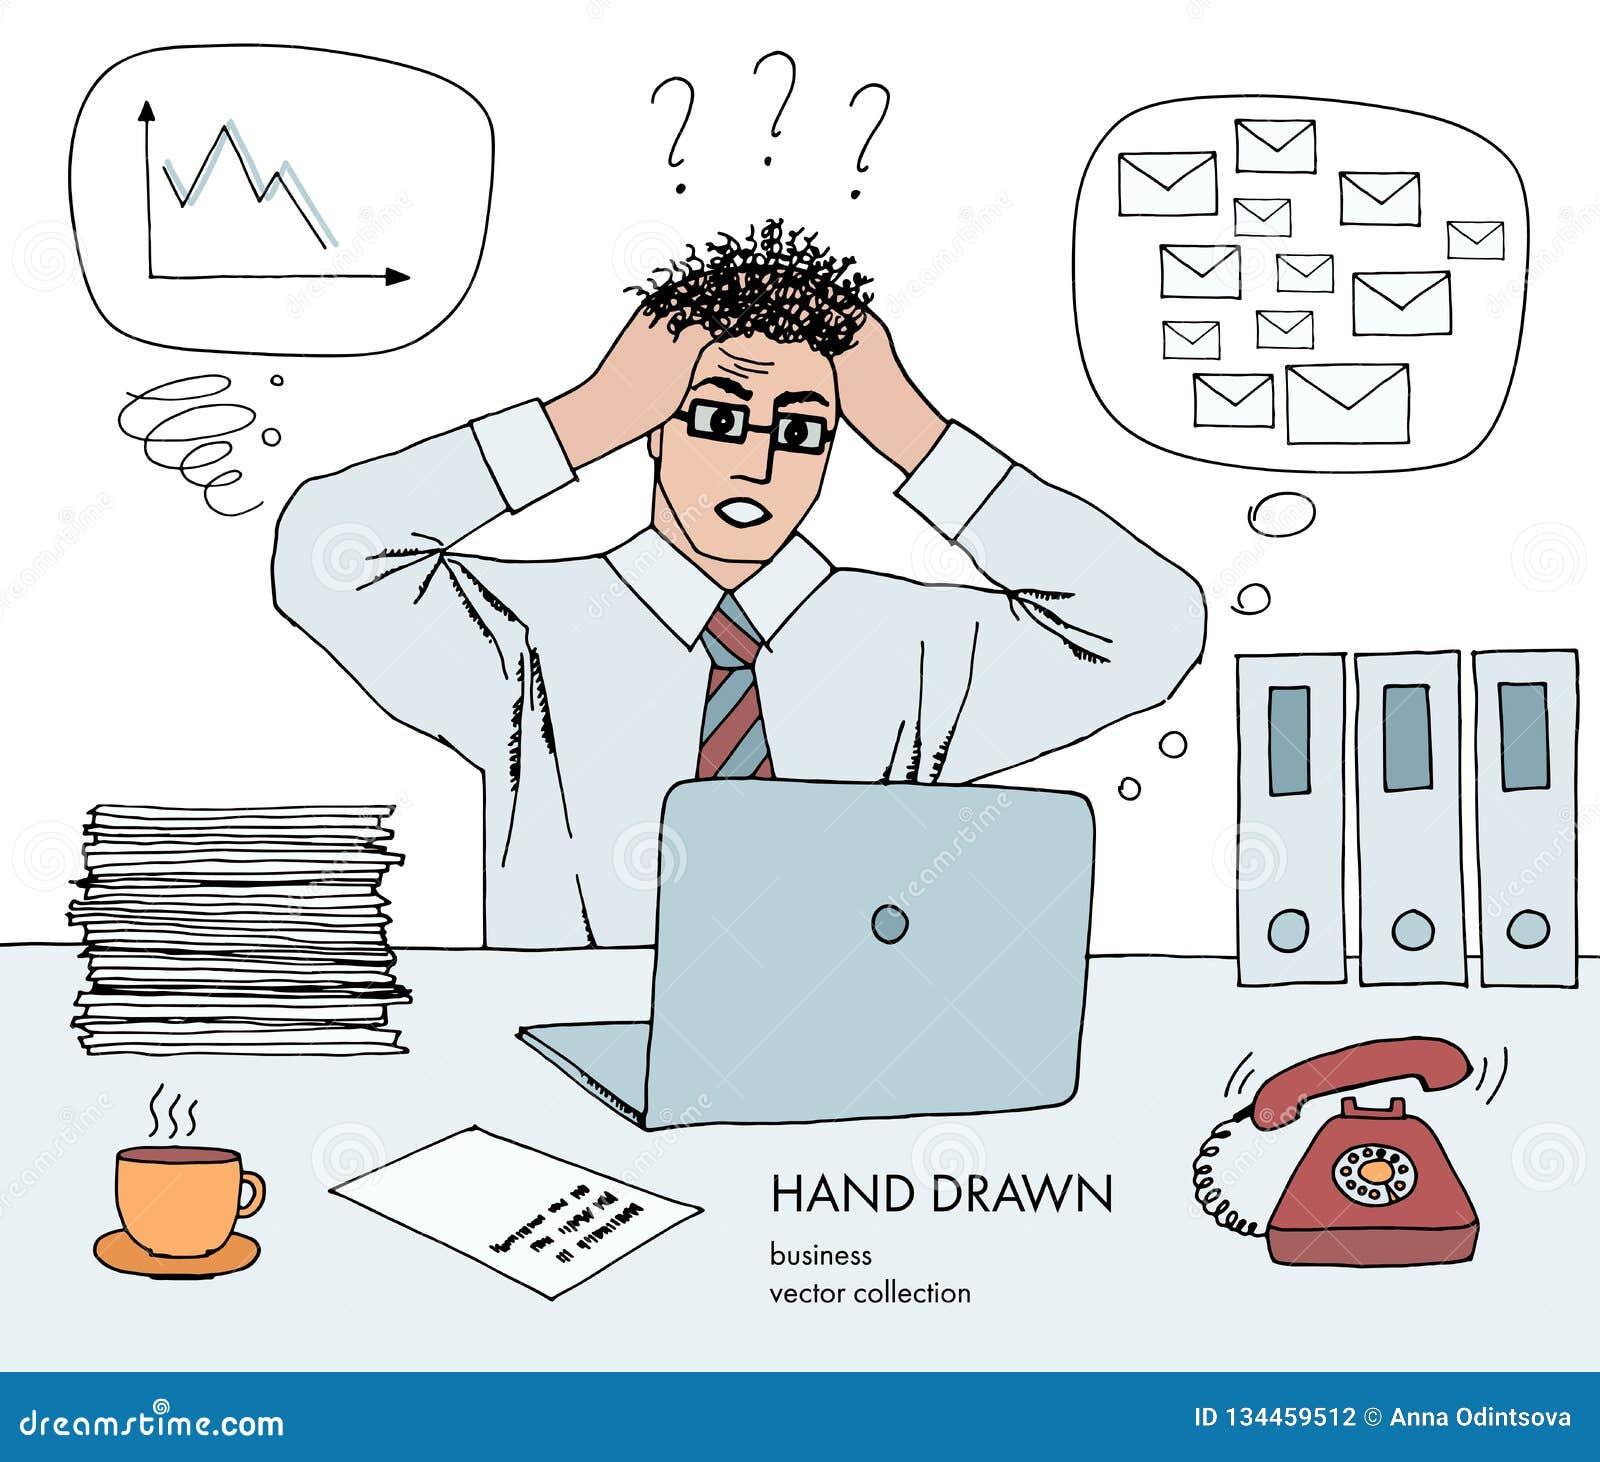 Κρίση εργασίας Ο επιχειρηματίας κρατά το κεφάλι του εξετάζοντας το όργανο ελέγχου στάση τρίχας στο τέλος Πολλά ταχυδρομεία inbox,